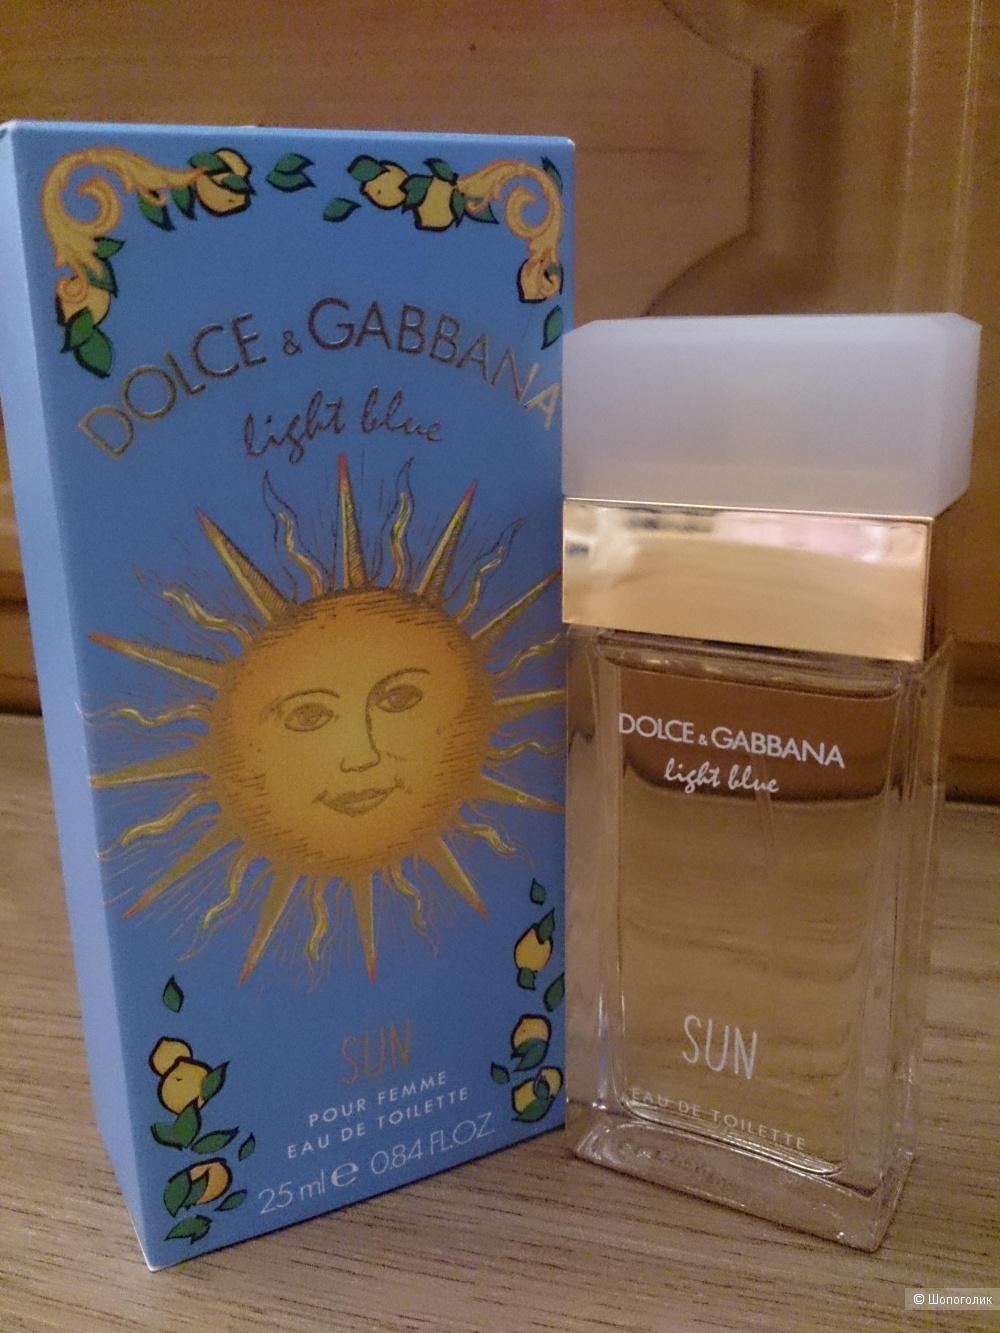 Dolce&Gabbana Light Blue Sun Туалетная вода 25 мл